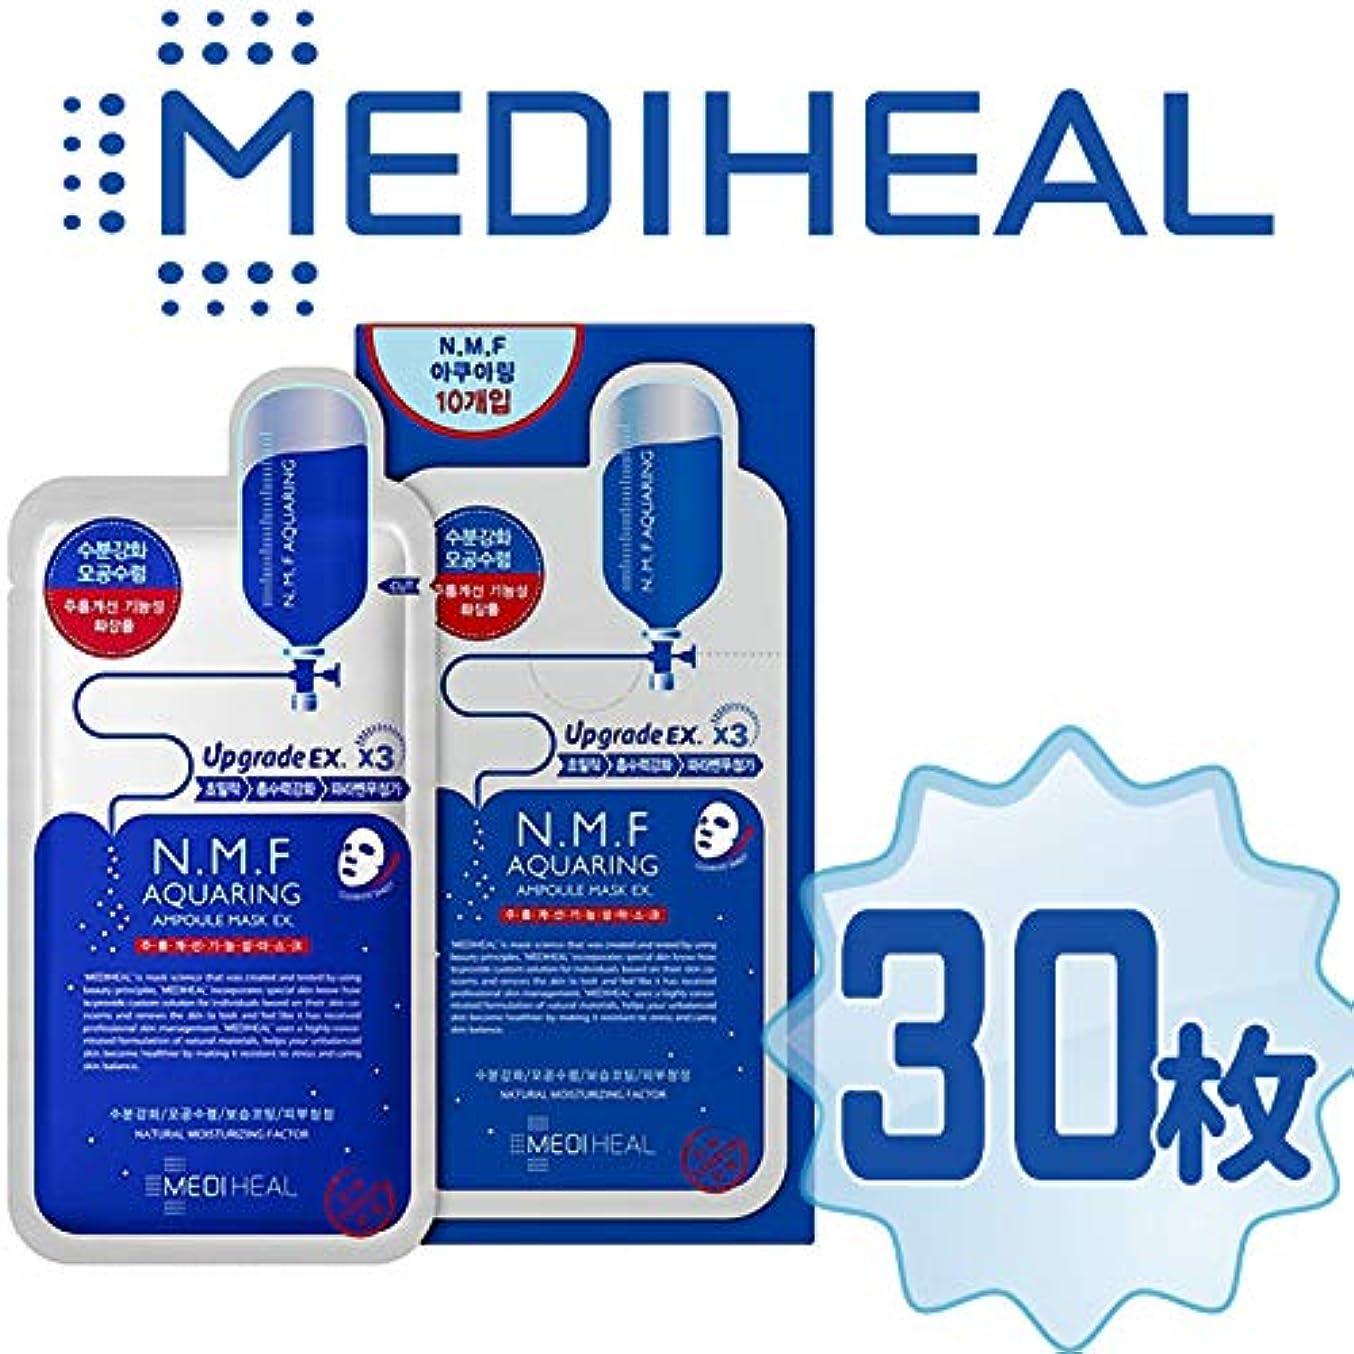 アクロバットなめらか暴力的な【正規輸入品】Mediheal メディヒール N.M.F アクアリング アンプル?マスクパックEX 10枚入り×3(Aquaring Ampoule Essential Mask PackEX 1box(10sheet)×3